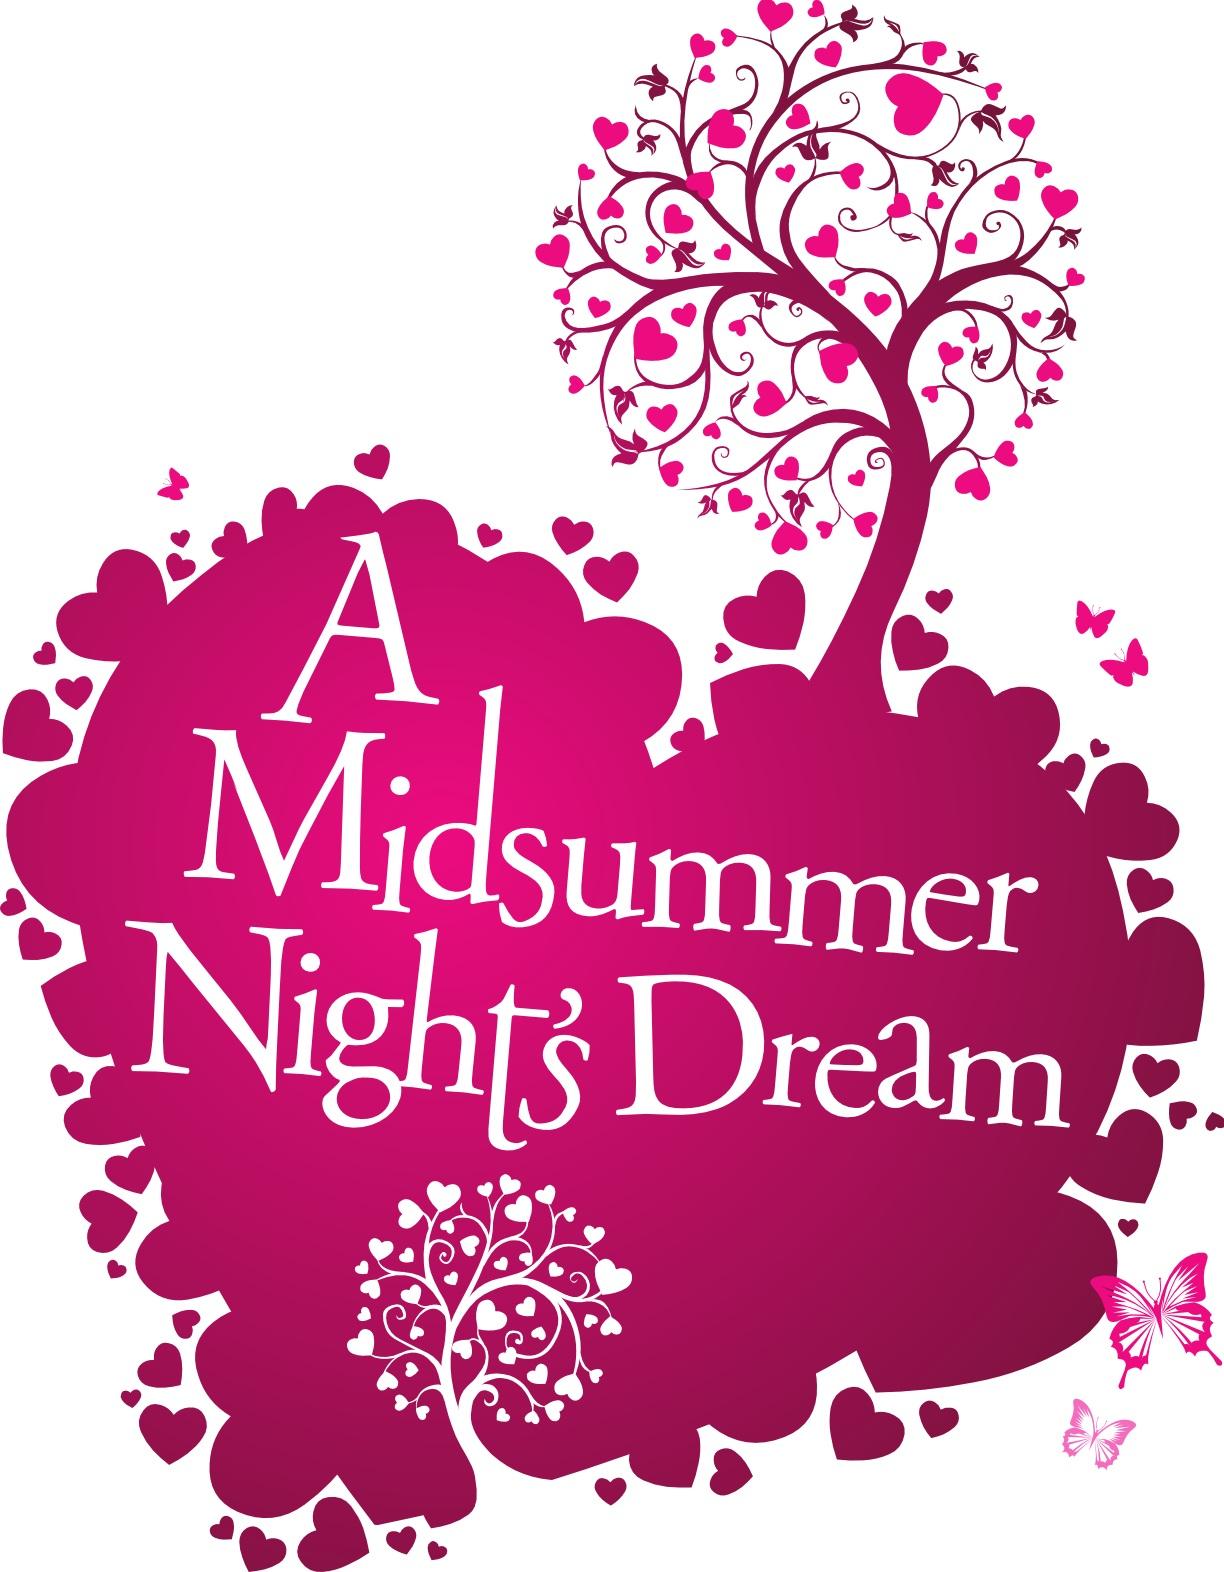 types of love in a midsummer nights dream essay